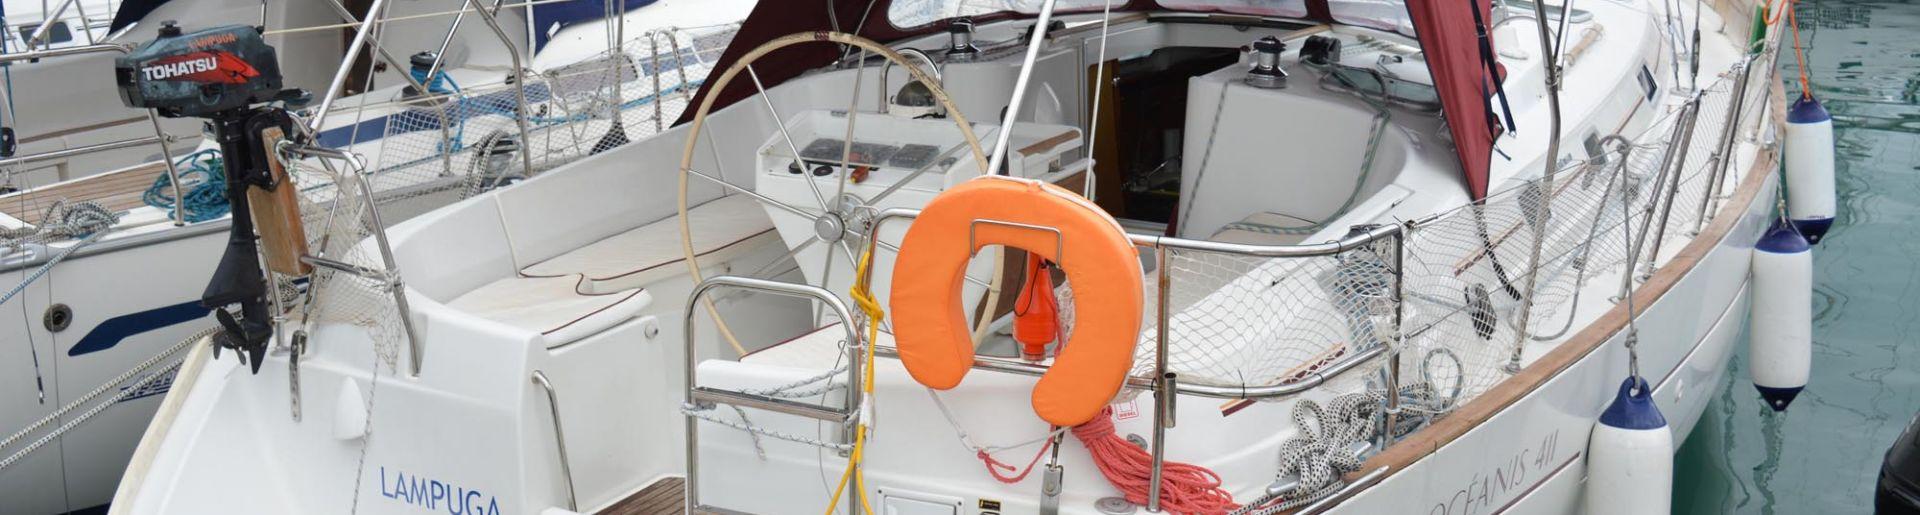 """Oceanis 411 """"Lampuga"""""""